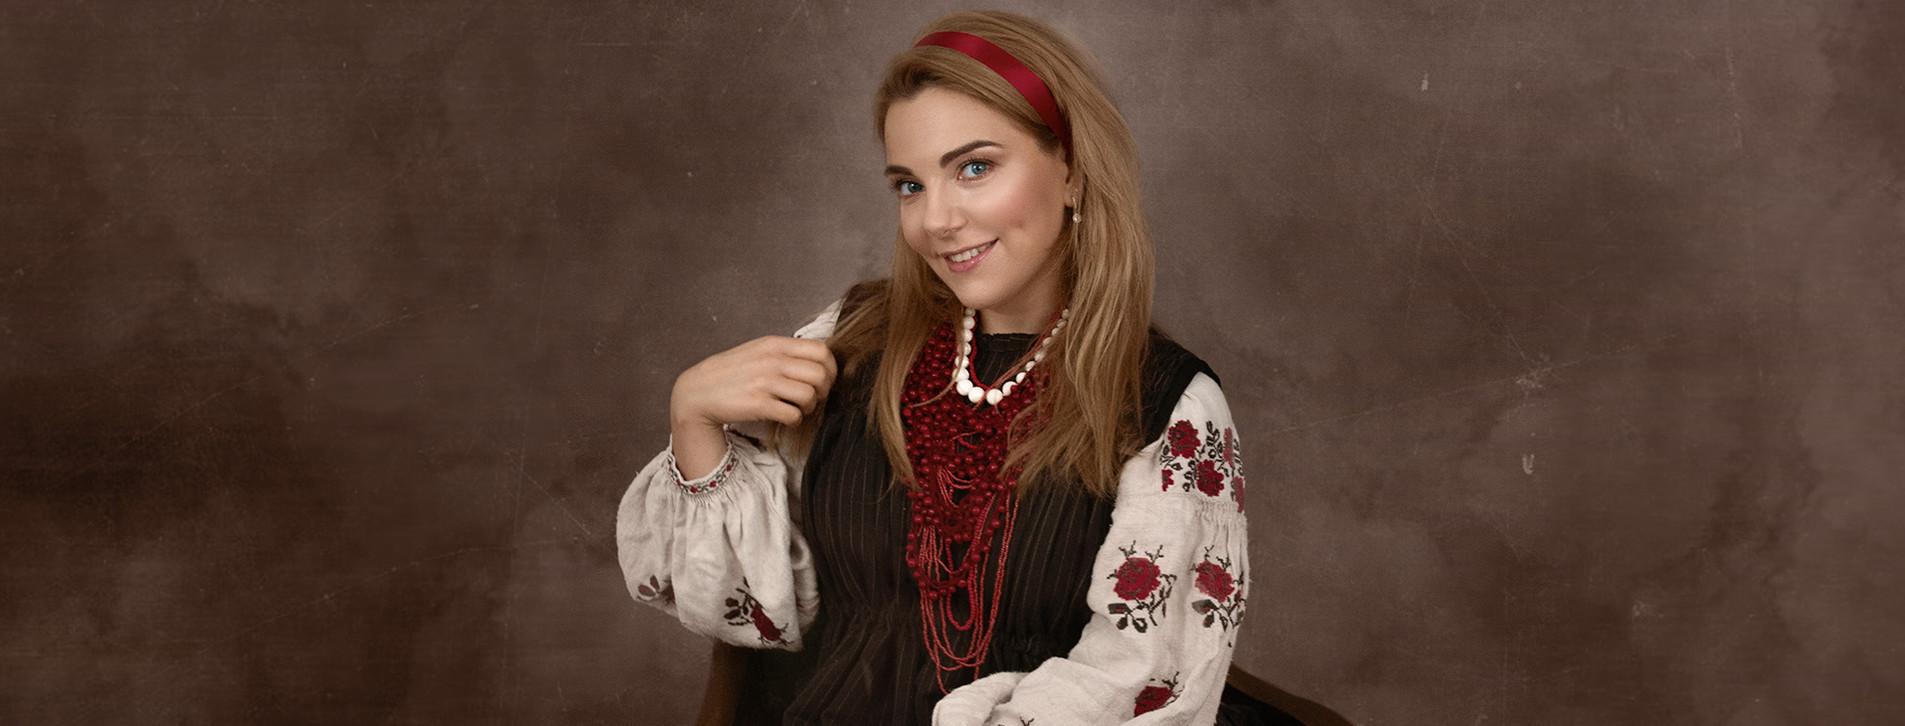 Фото 1 - Этнофотосессия в украинских костюмах для двоих